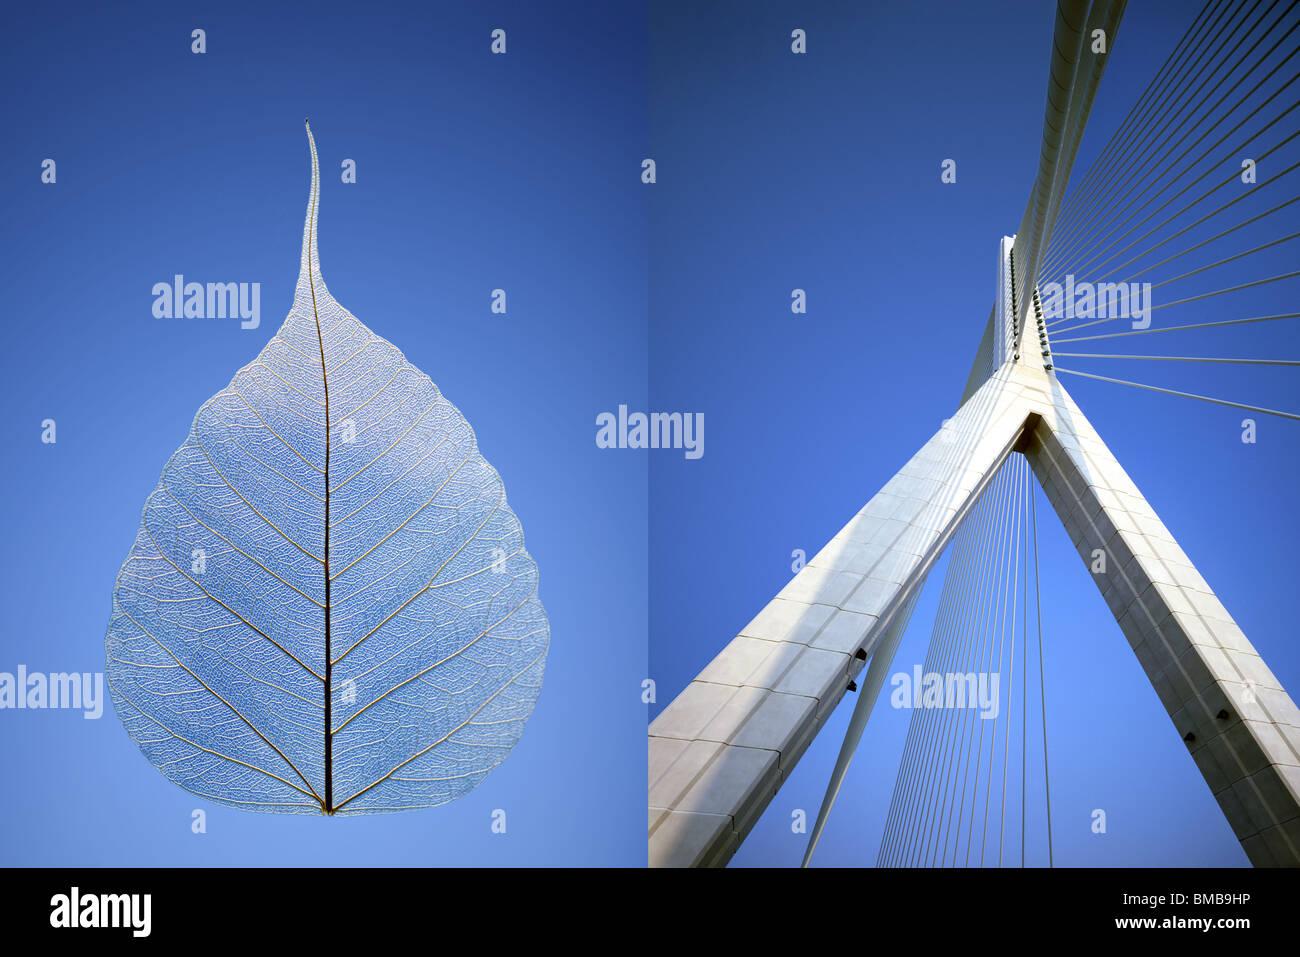 Puente colgante en el norte de Gales se yuxtaponen con el esqueleto hojas contra el cielo azul Imagen De Stock